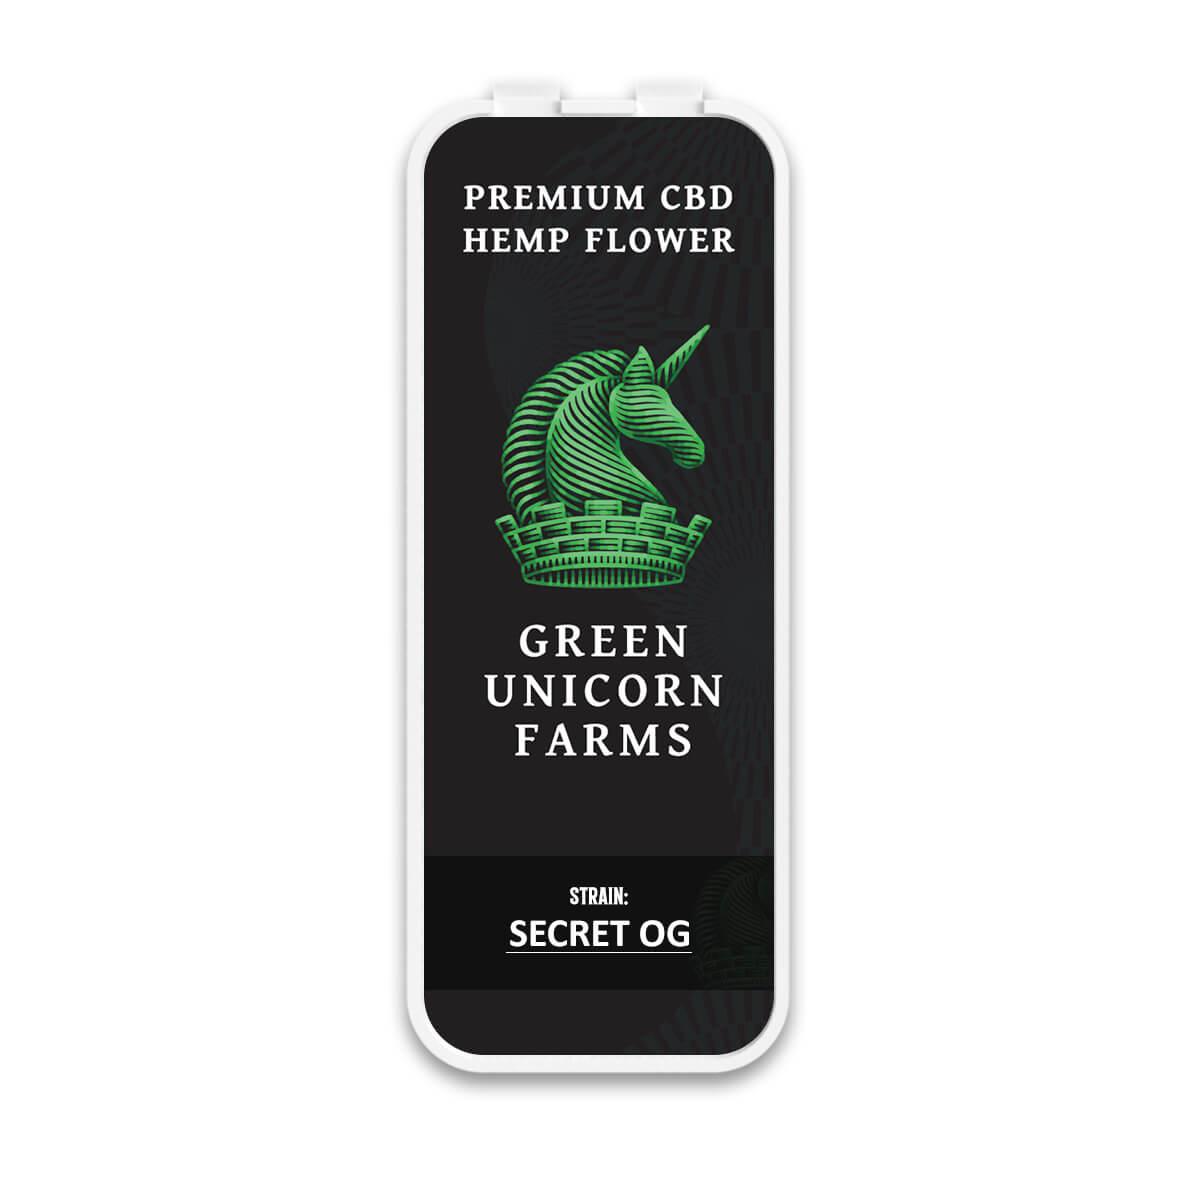 Secret OG hemp flower pre rolls